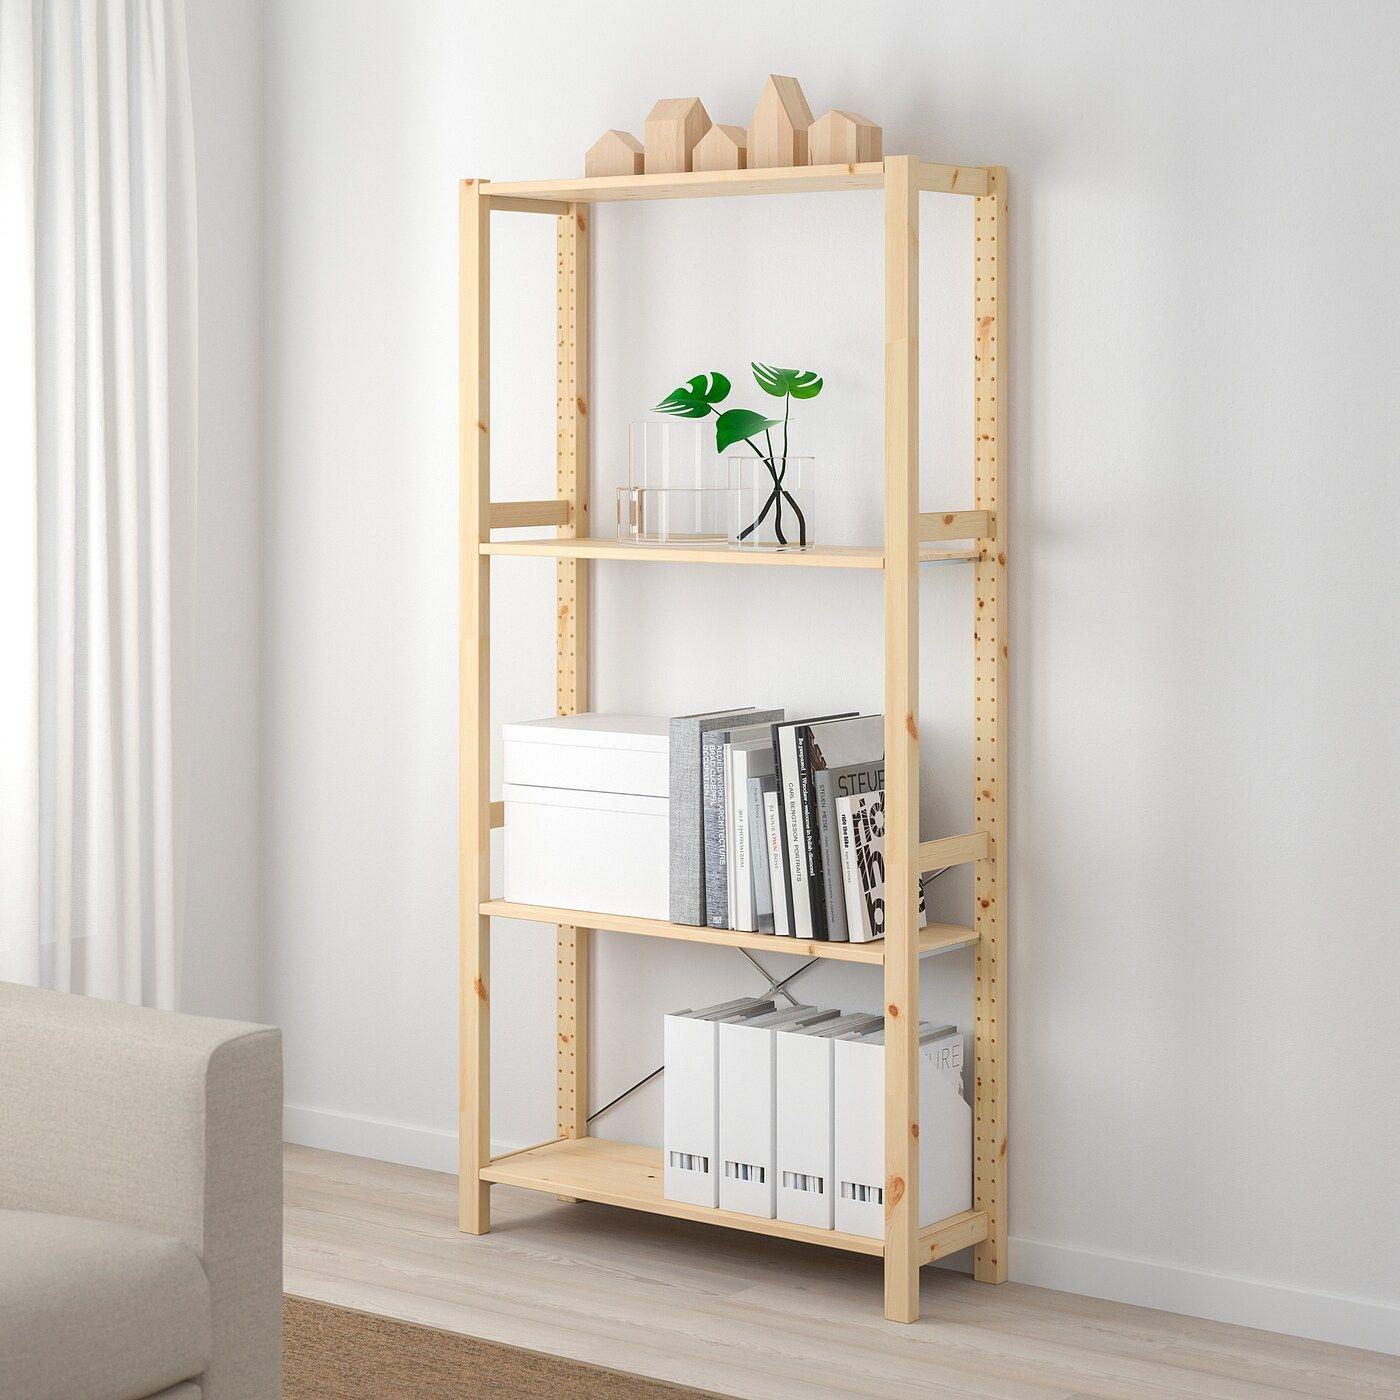 Ivar 2 Section Shelving Unit Pine 52 3 4x19 5 8x89 Shelving Unit Shelves Ikea